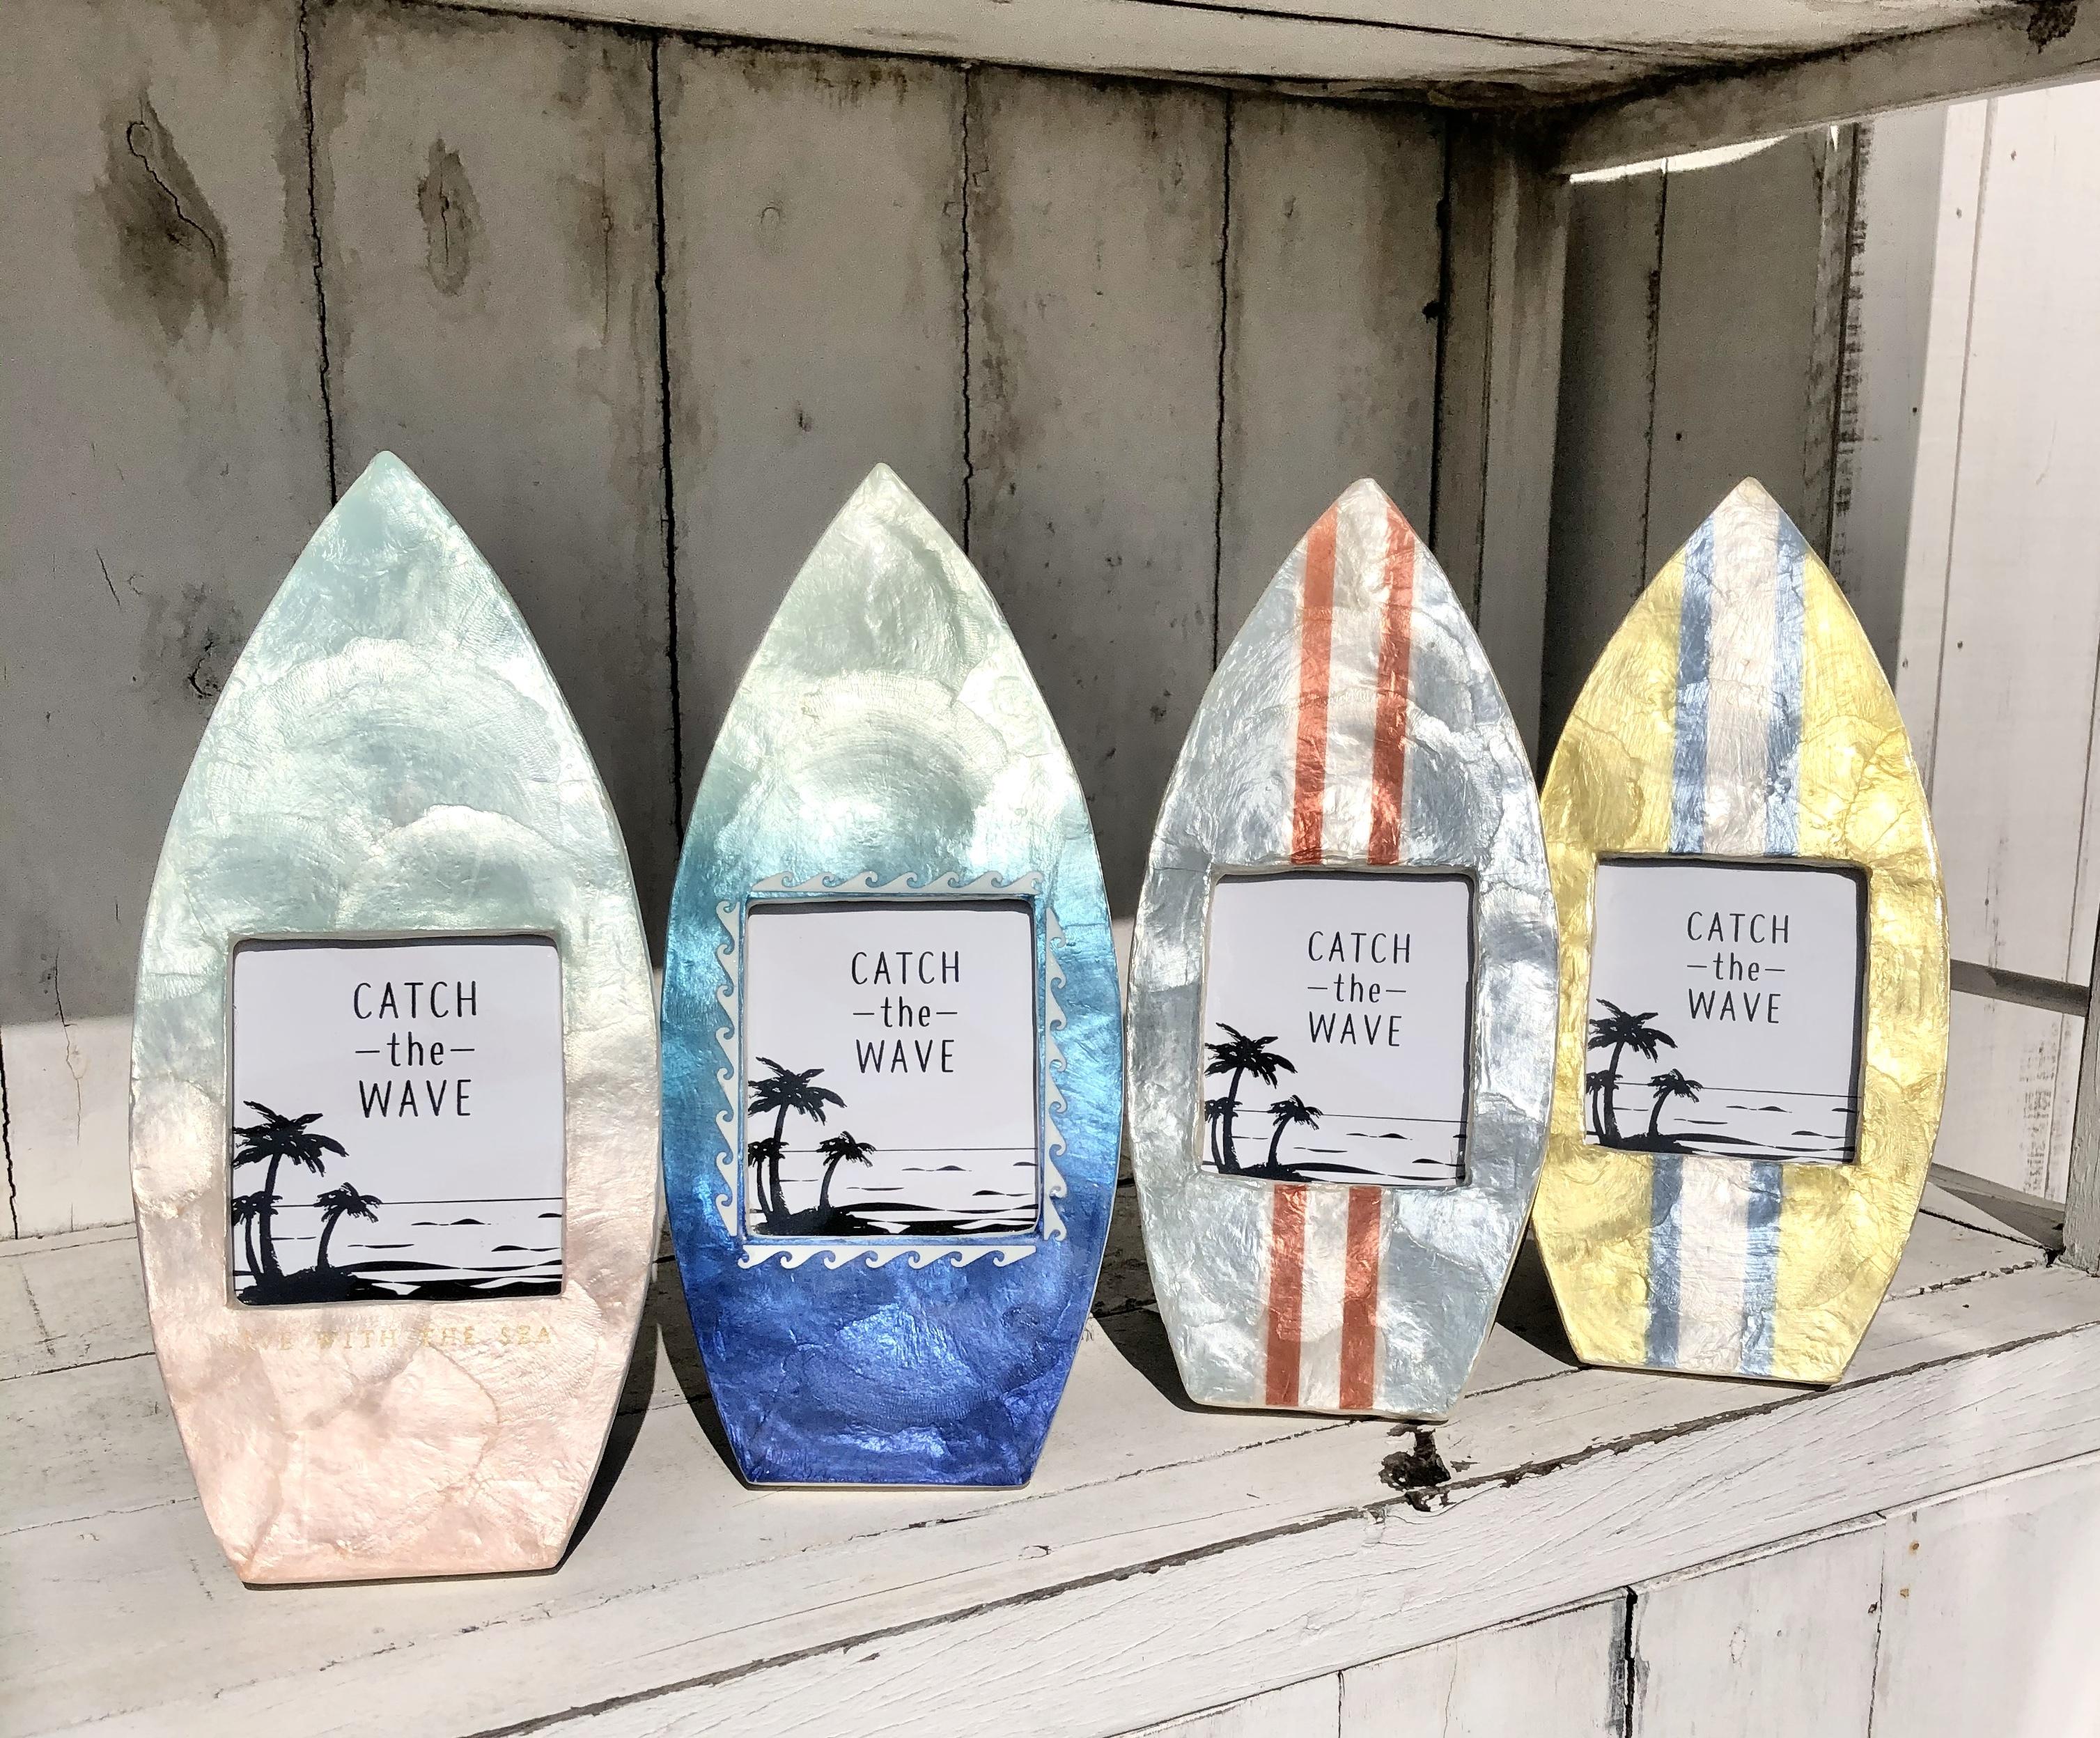 【セール】カピスフォトフレーム サーフボード全4色